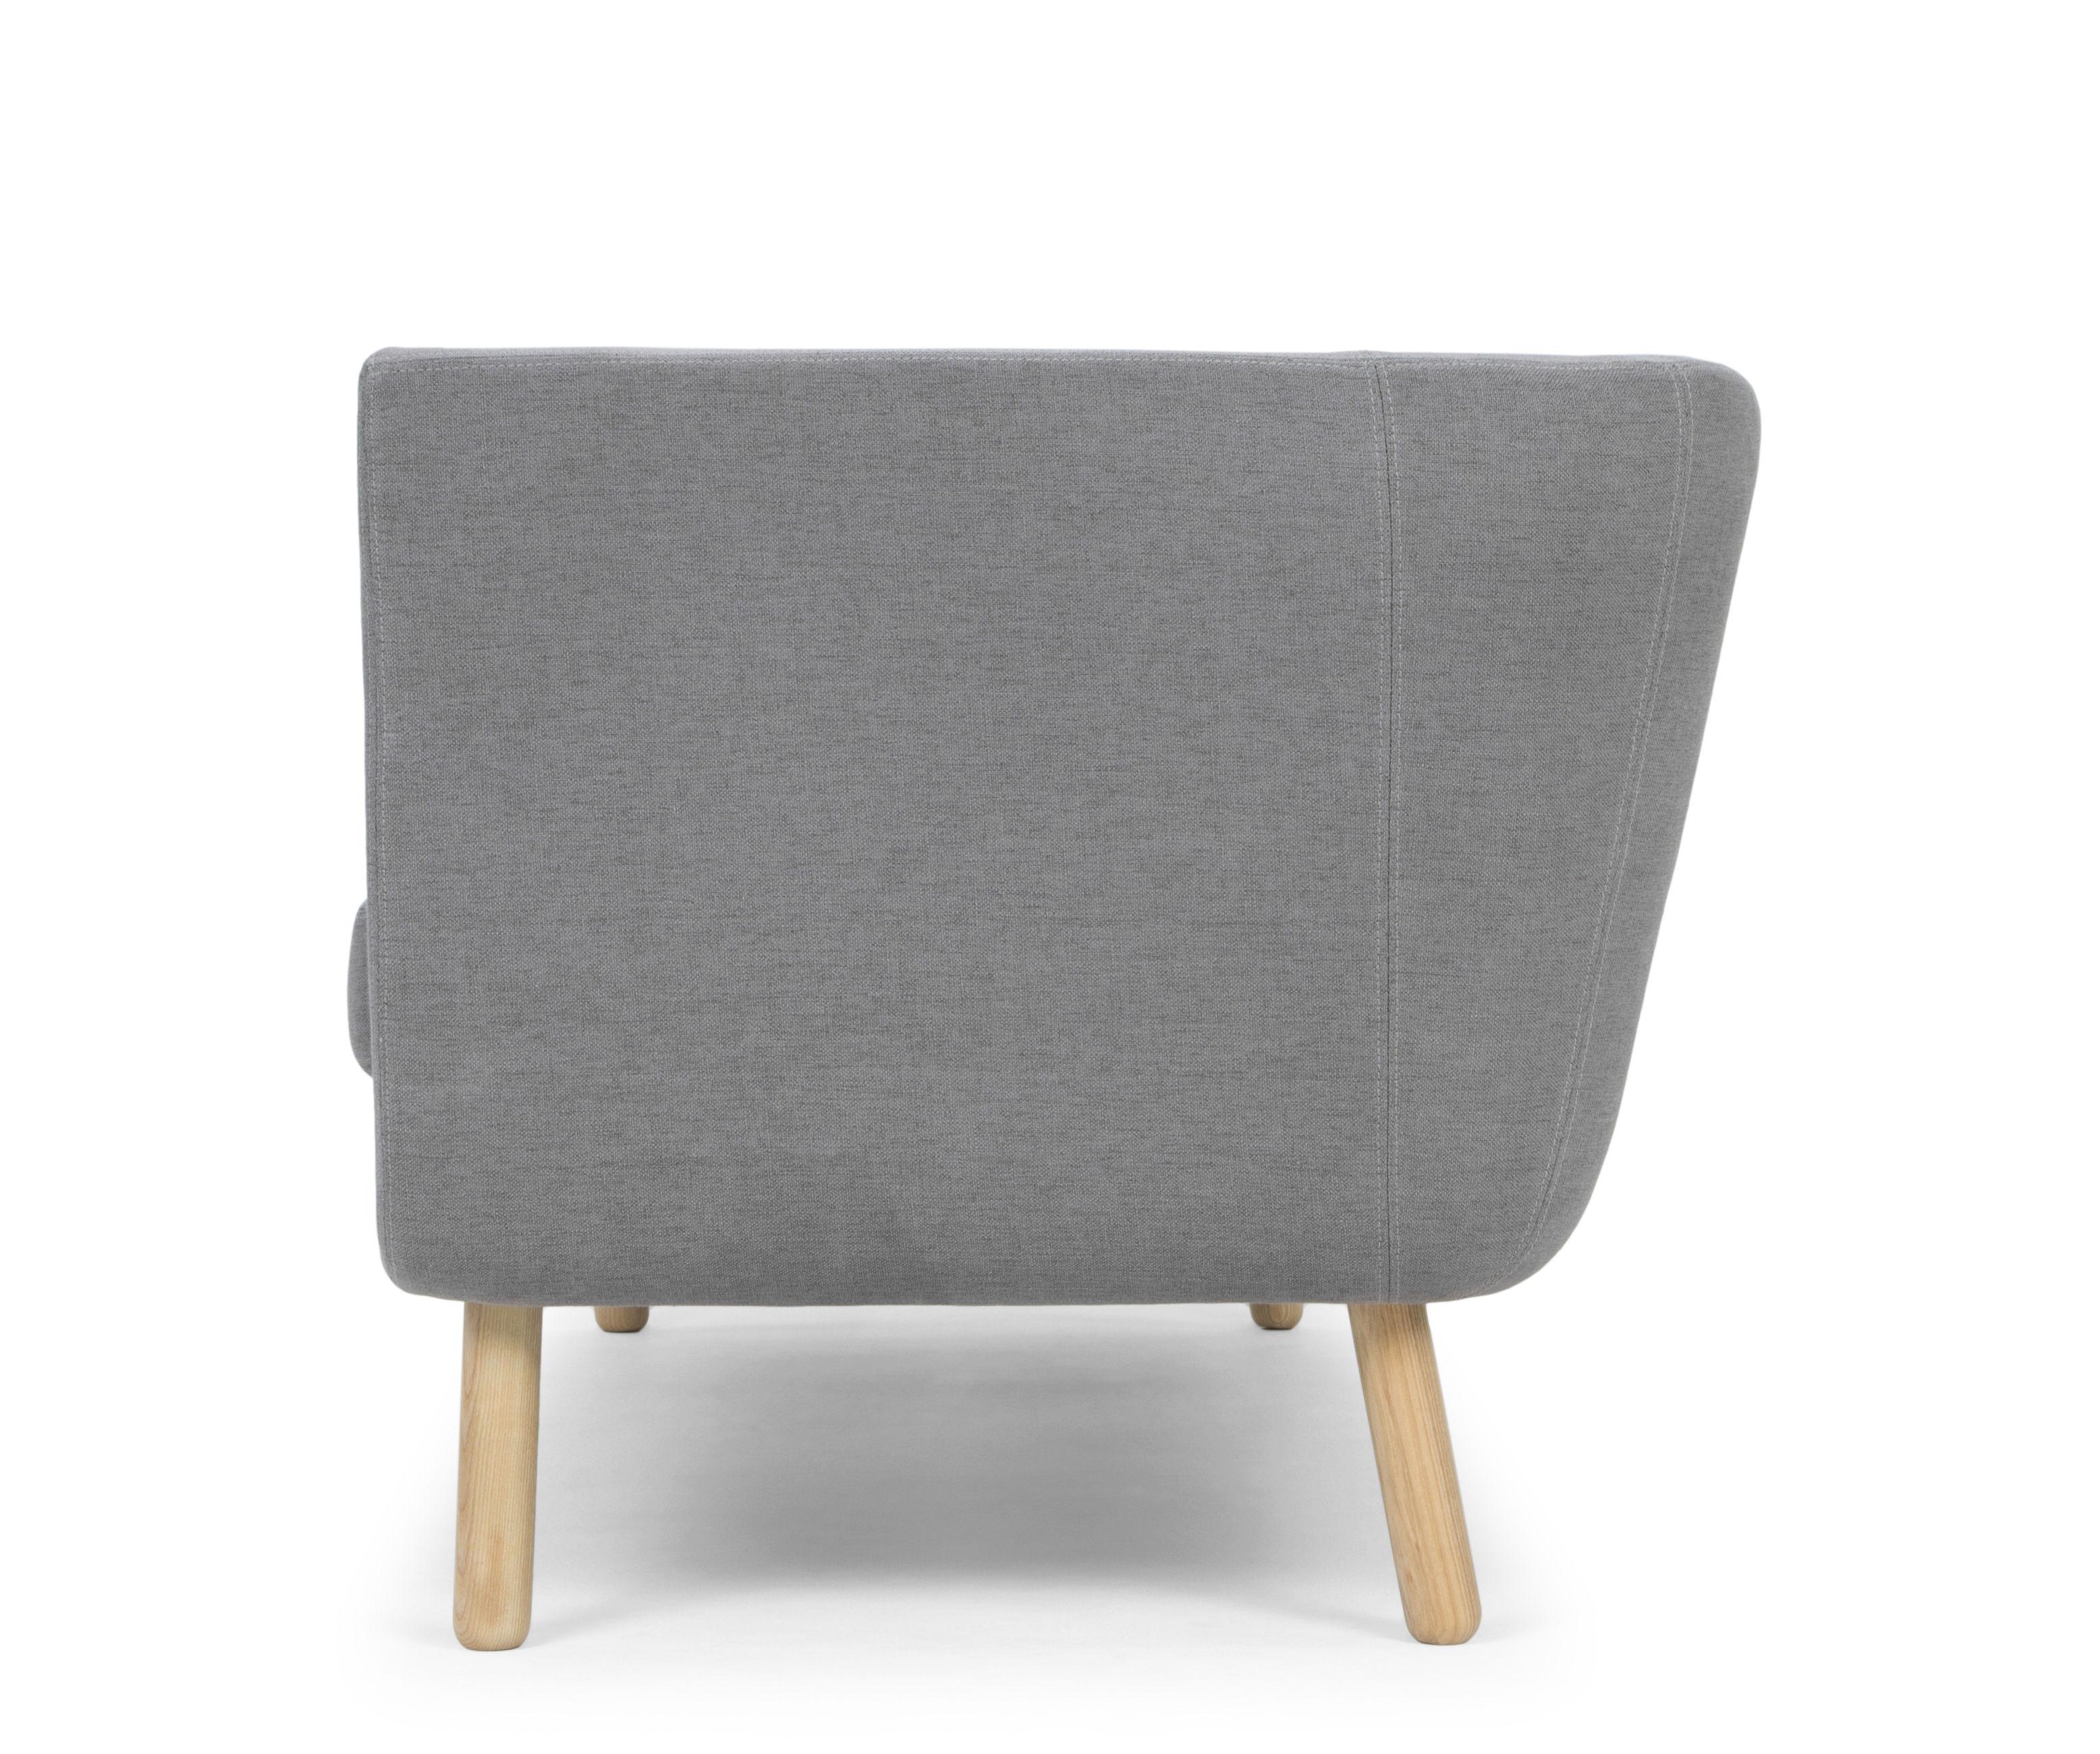 canap droit nest l 204 cm gris design house stockholm made in design. Black Bedroom Furniture Sets. Home Design Ideas